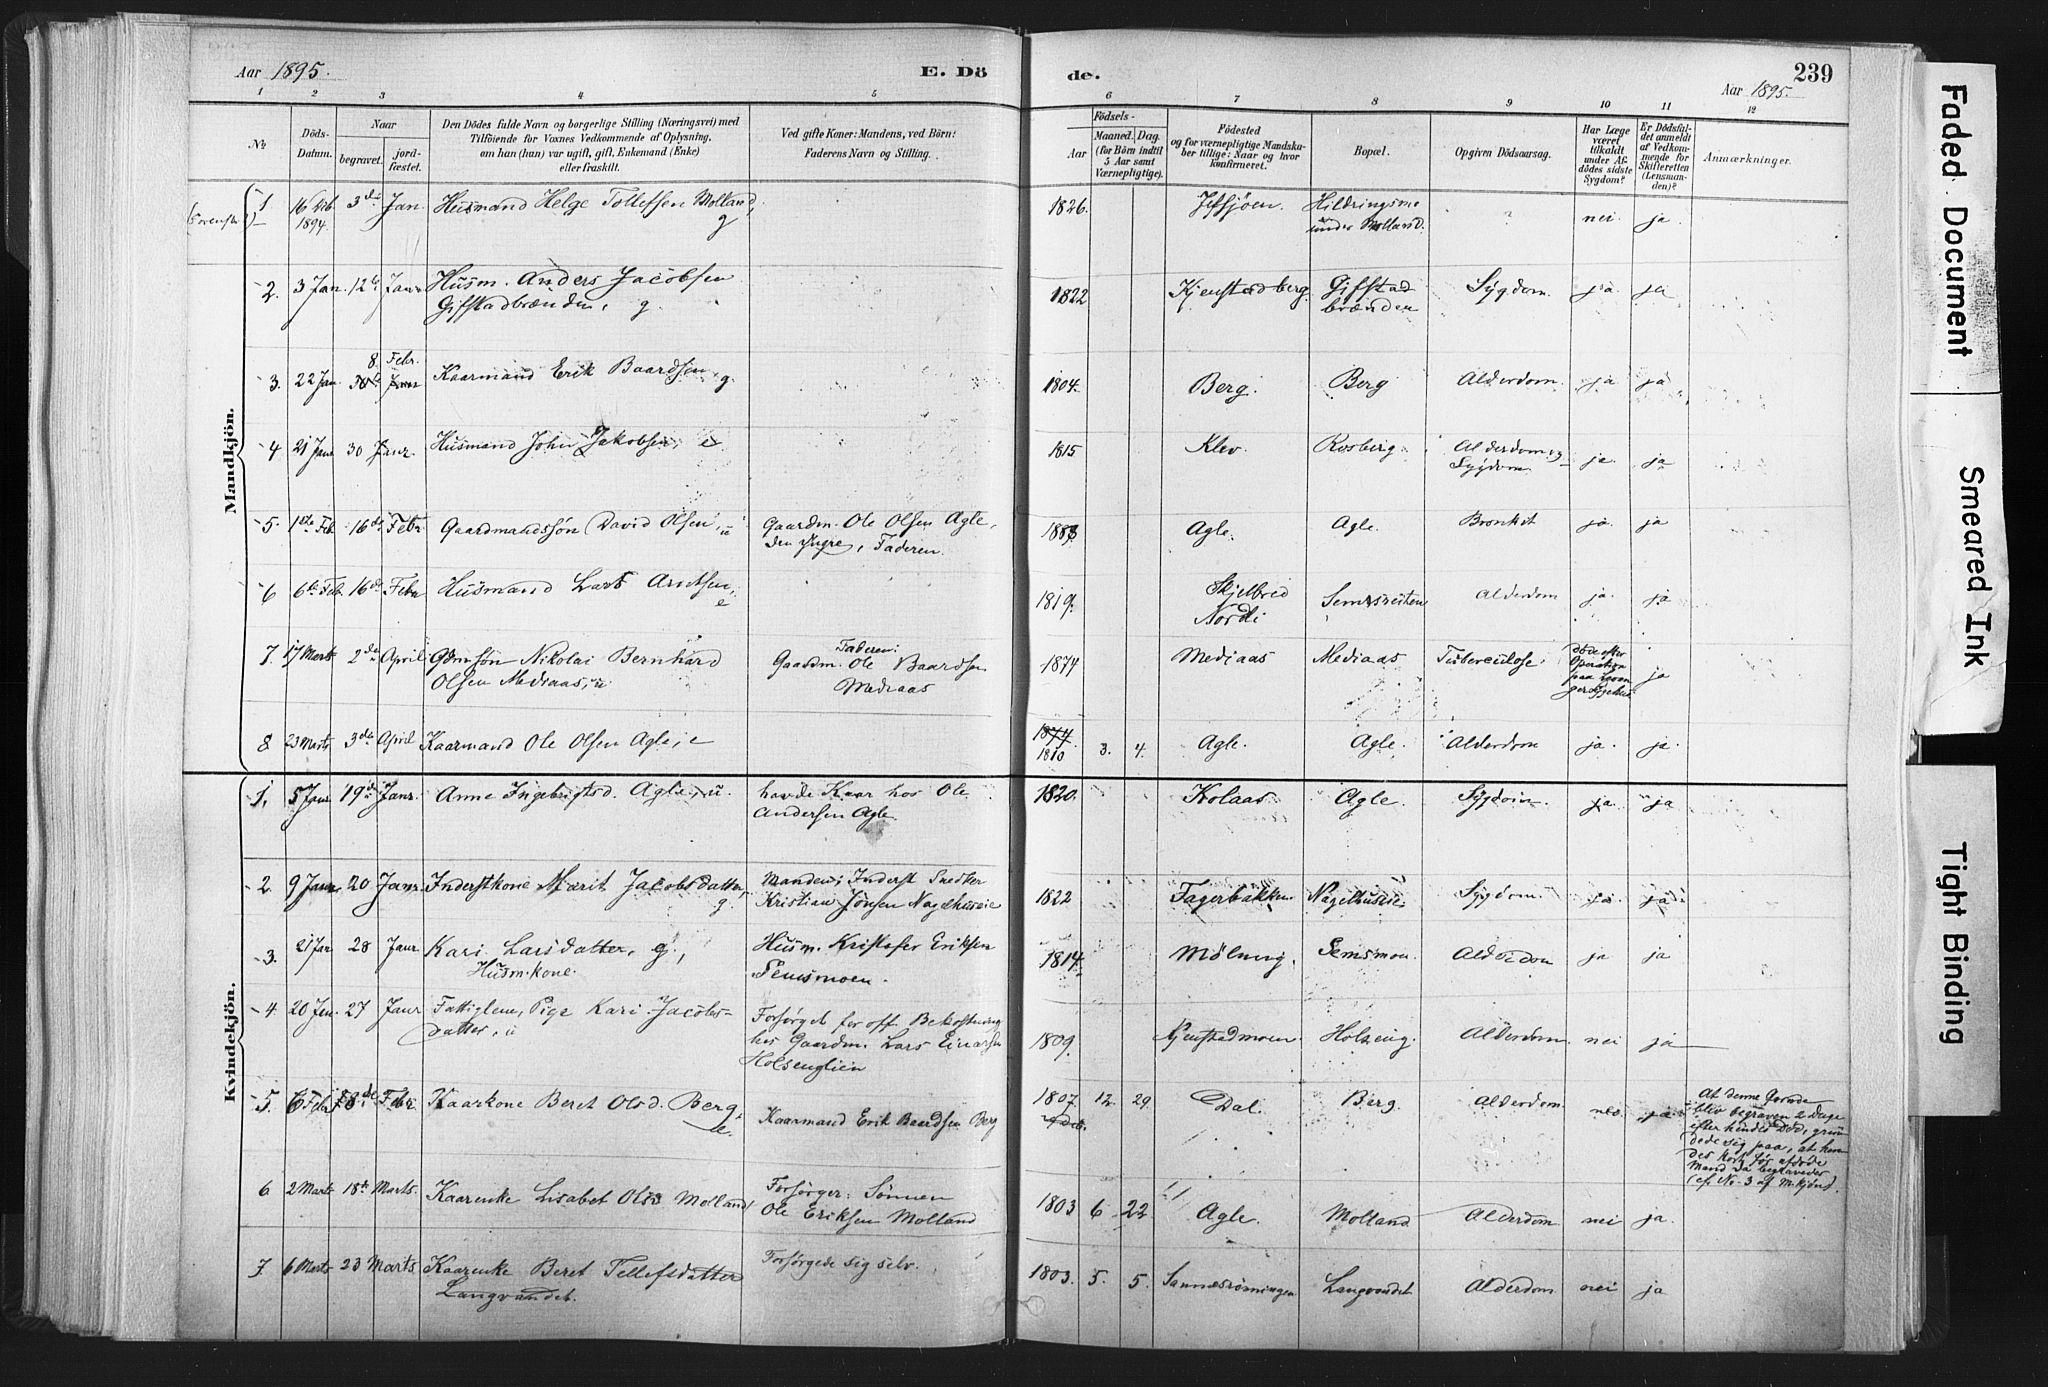 SAT, Ministerialprotokoller, klokkerbøker og fødselsregistre - Nord-Trøndelag, 749/L0474: Ministerialbok nr. 749A08, 1887-1903, s. 239